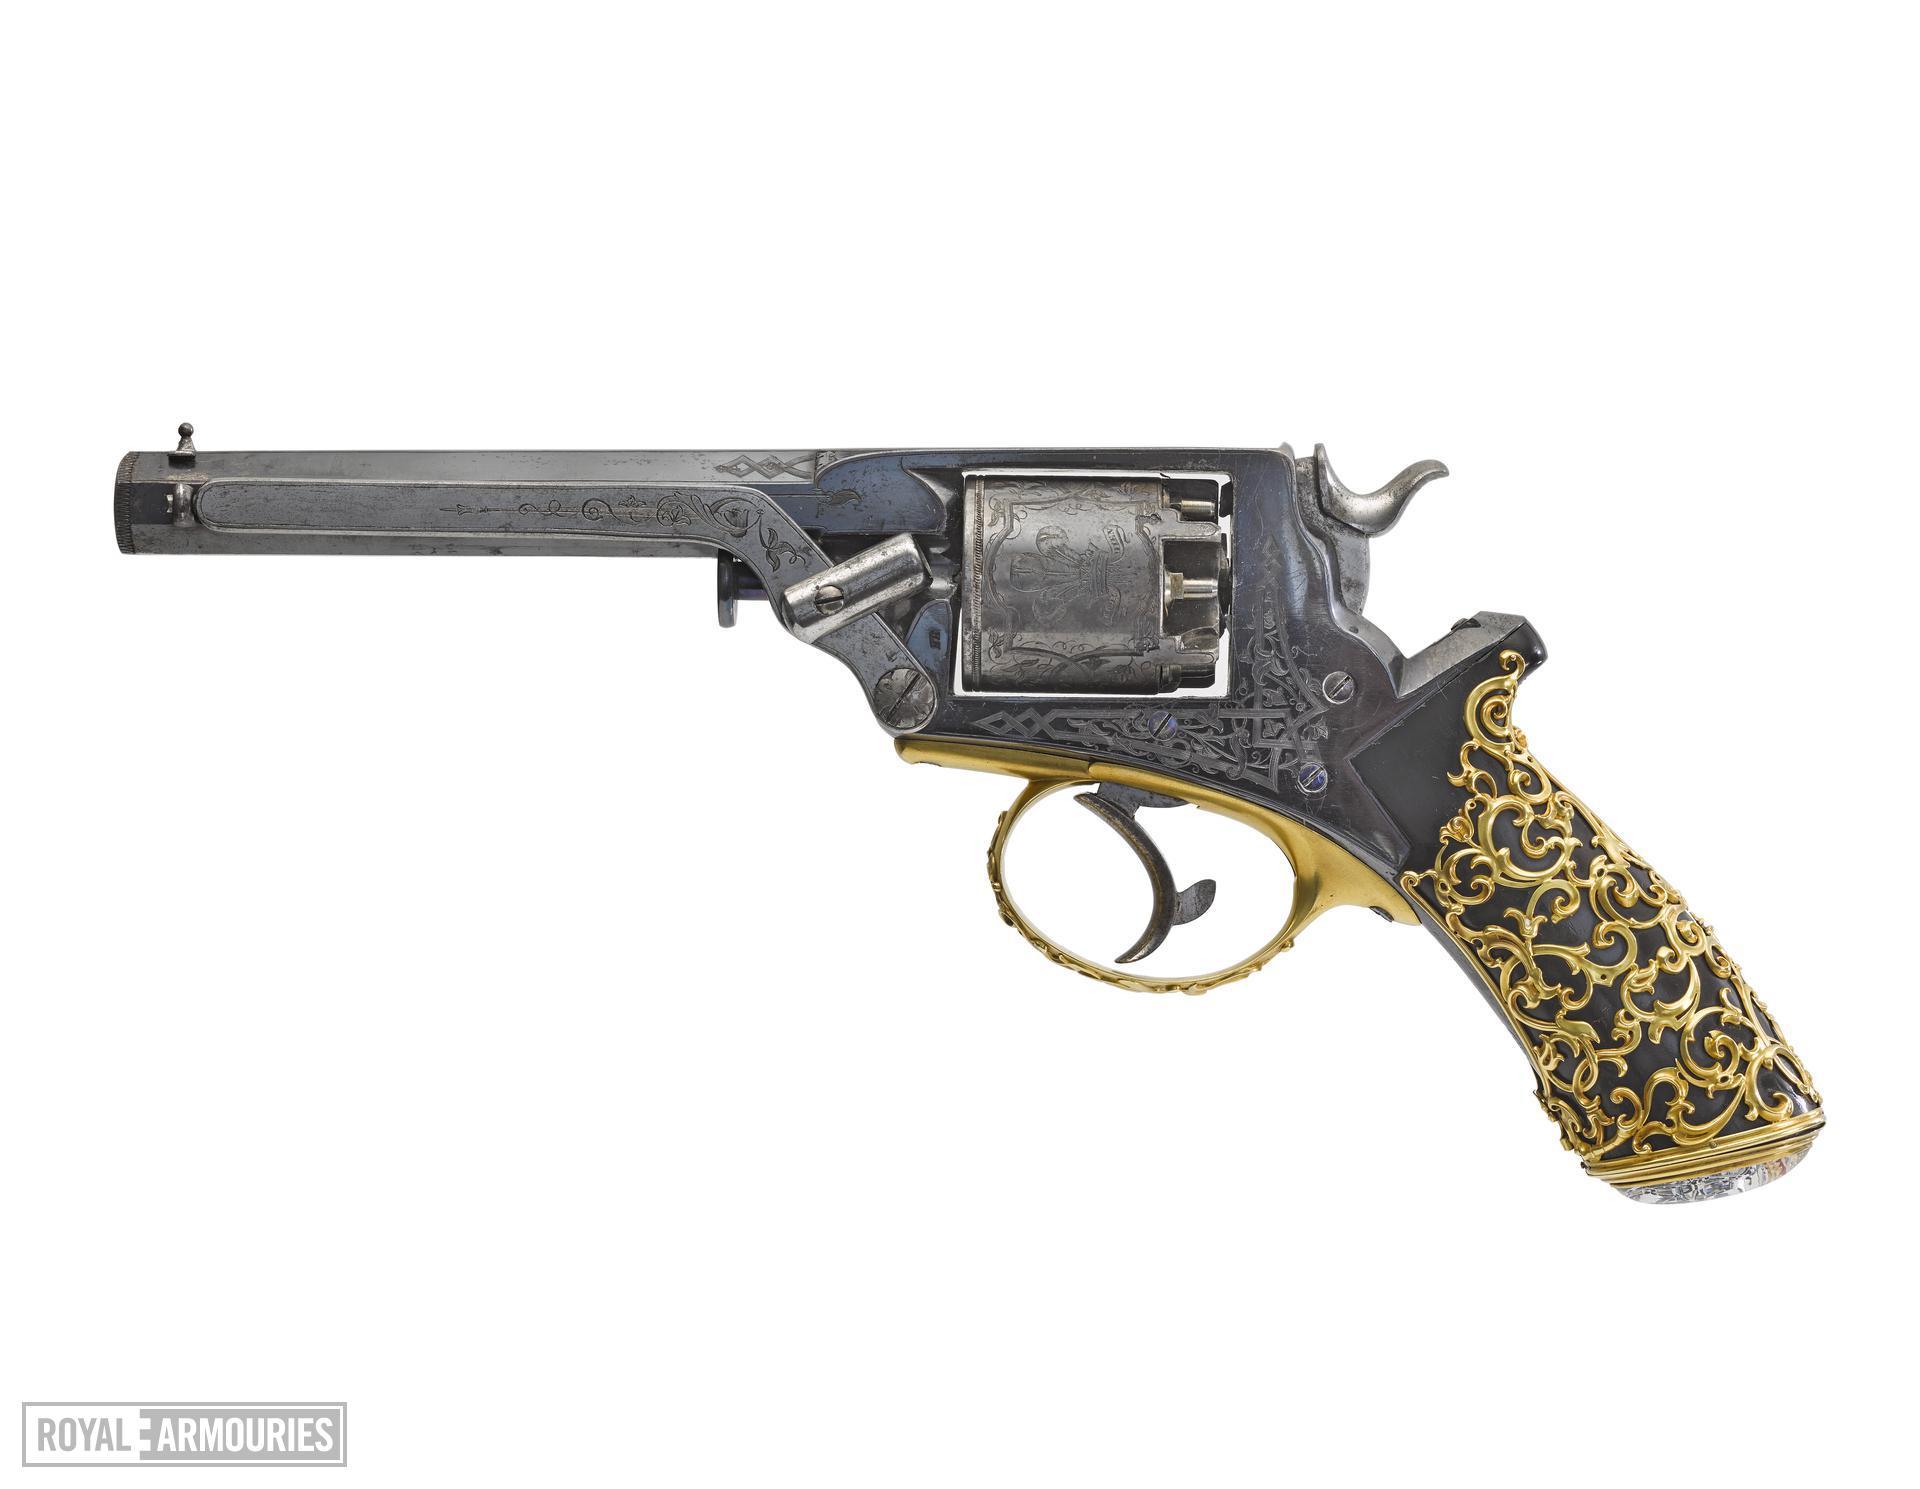 Percussion five-shot revolver - Tranter